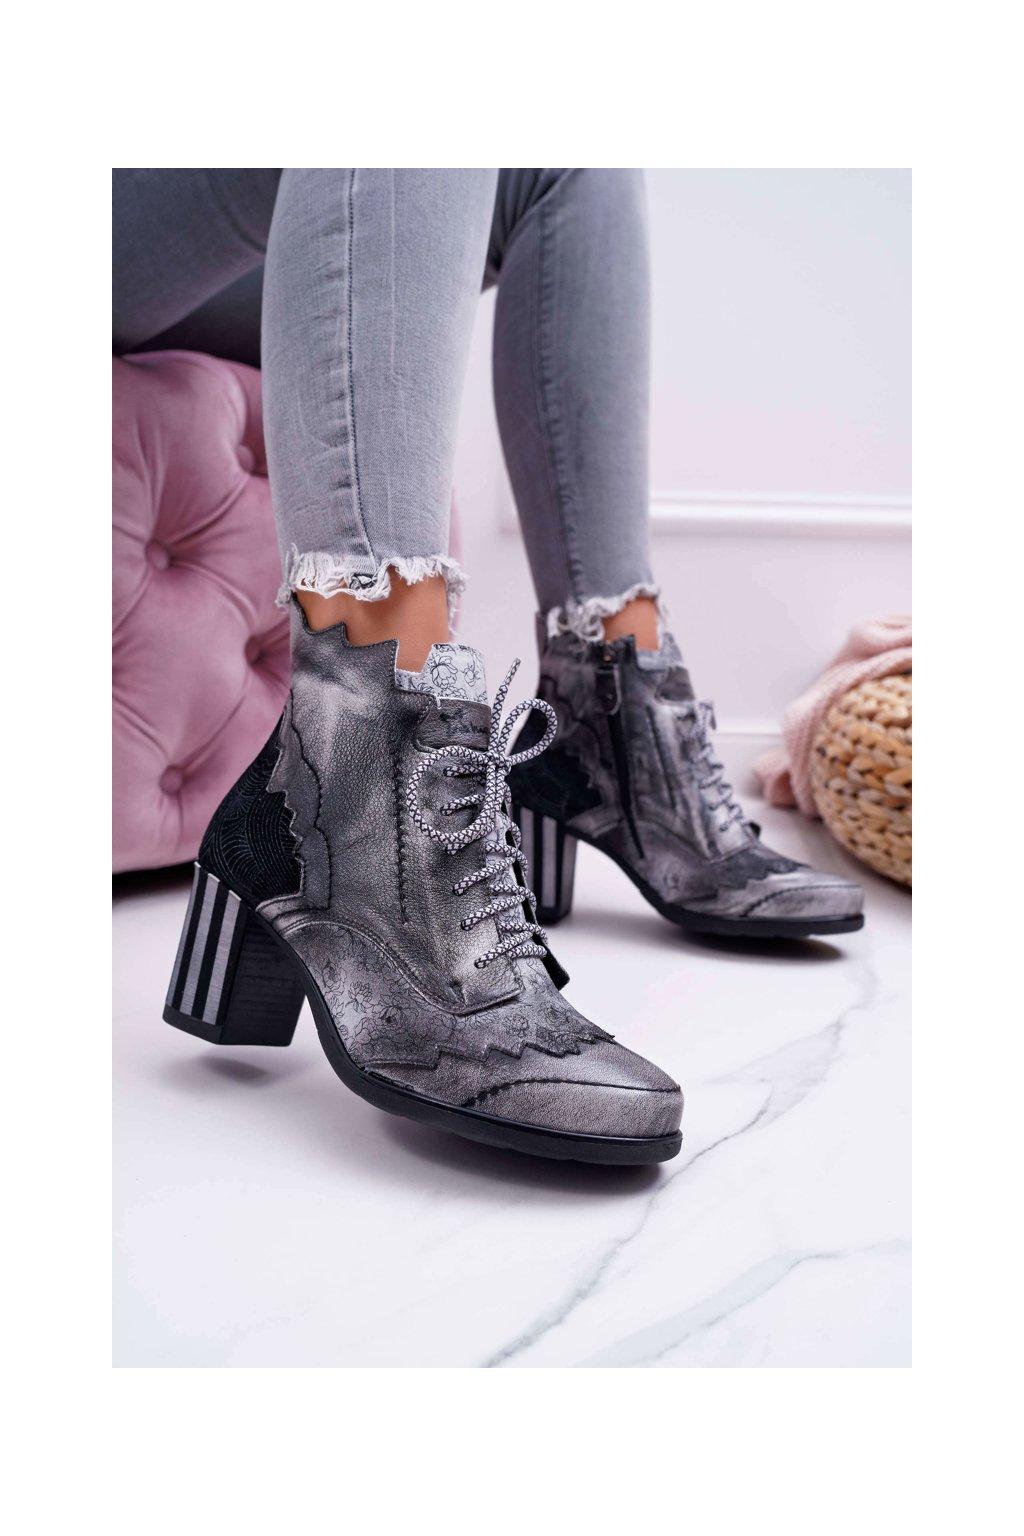 Dámske topánky Majka Kožené sivé 03190